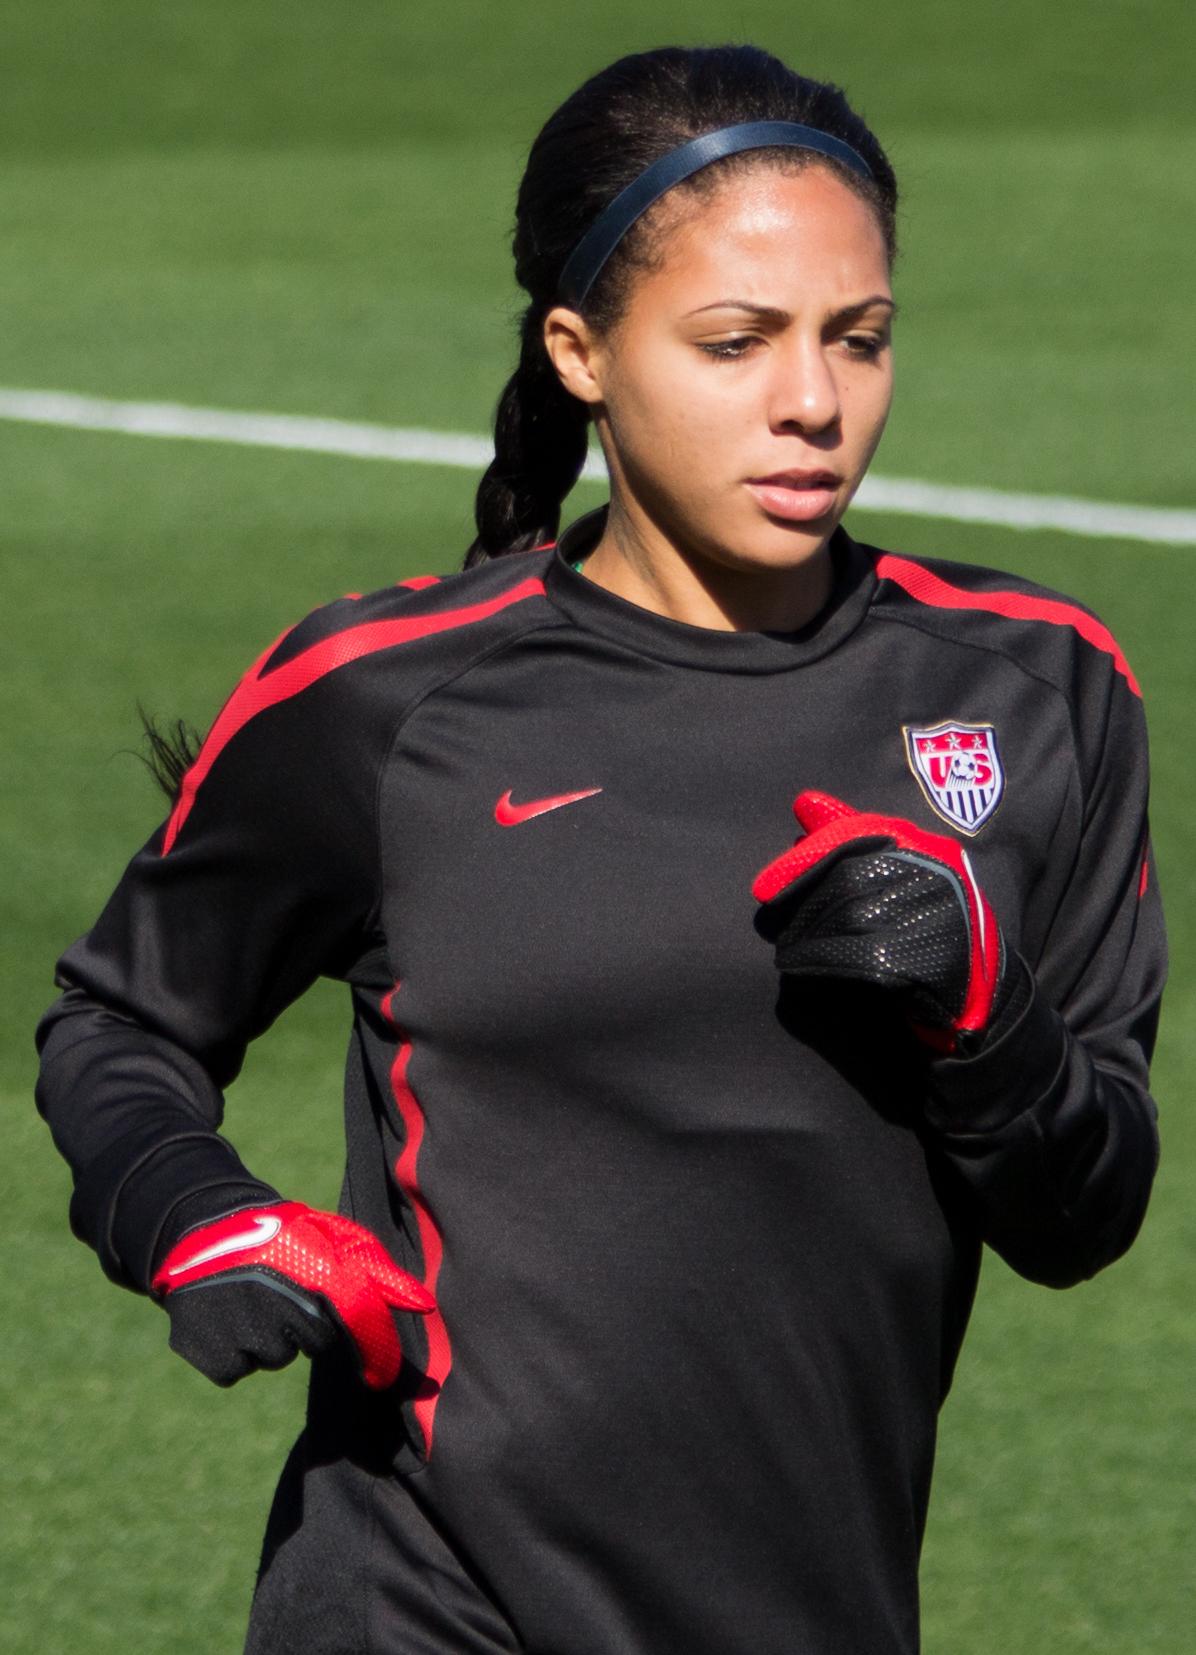 Résultats de recherche d'images pour «girl soccer»